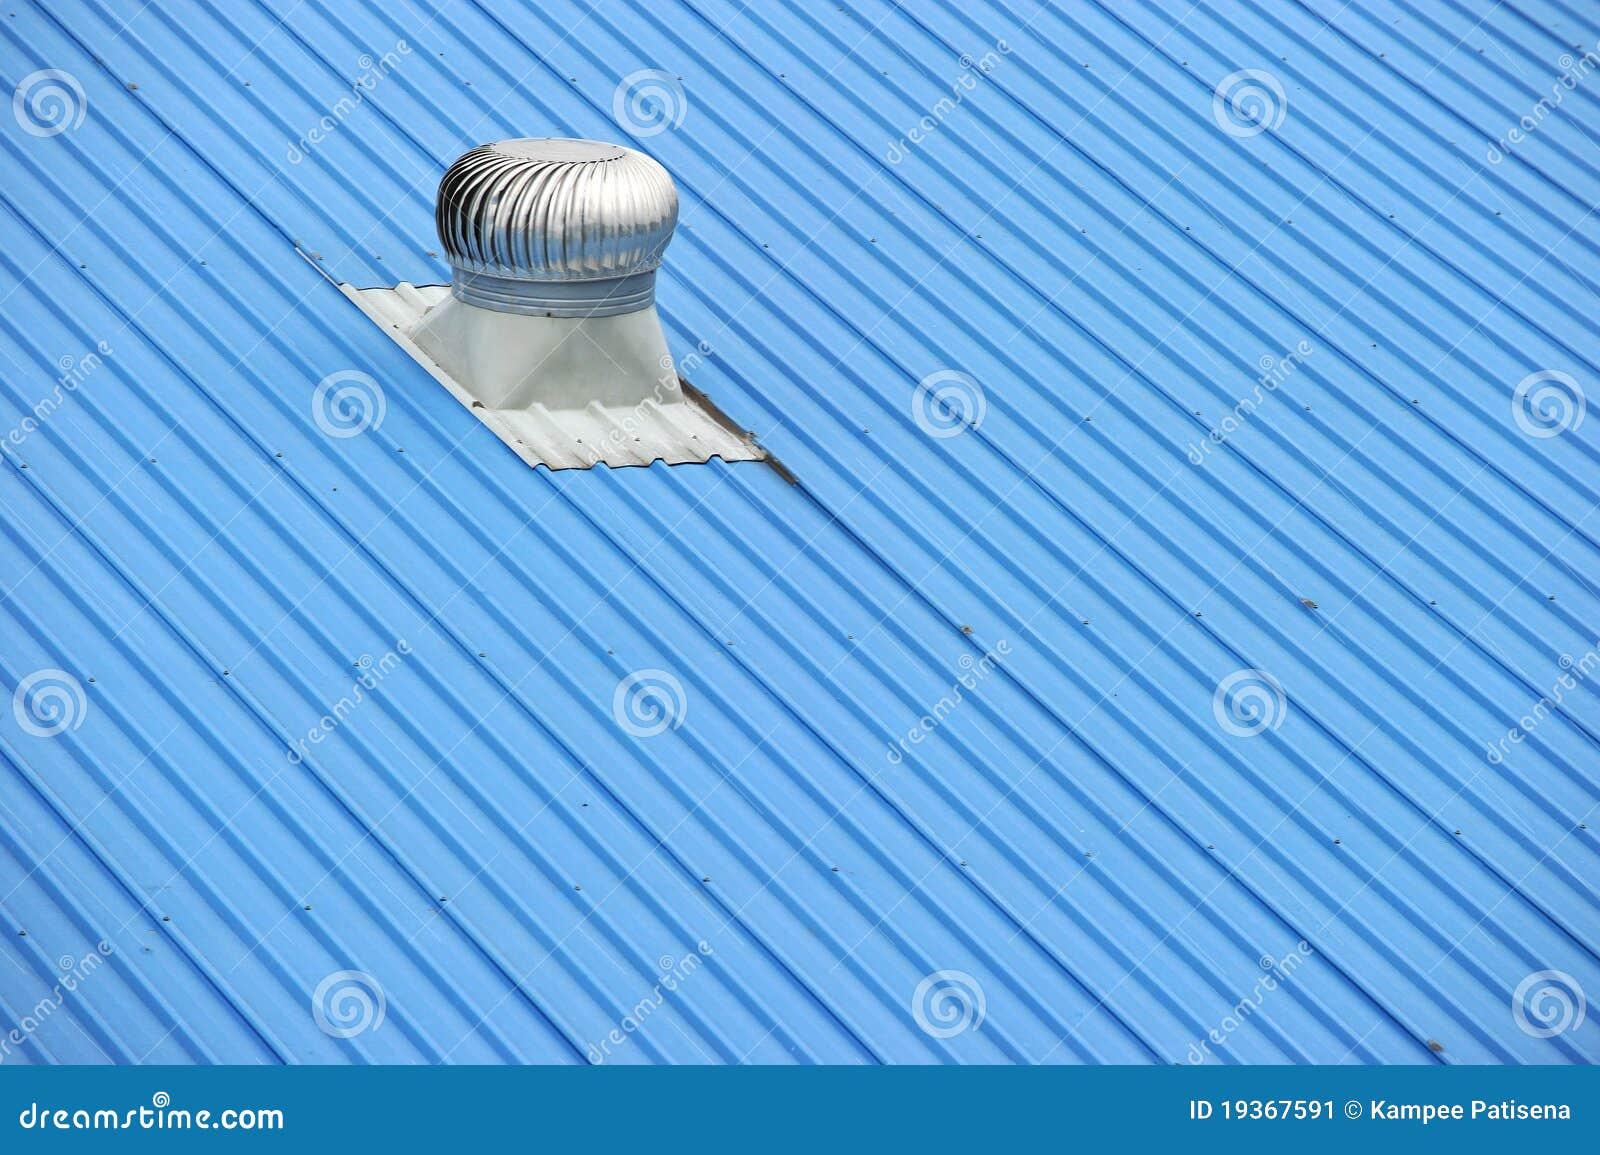 Respiradouros de ar sobre um telhado azul